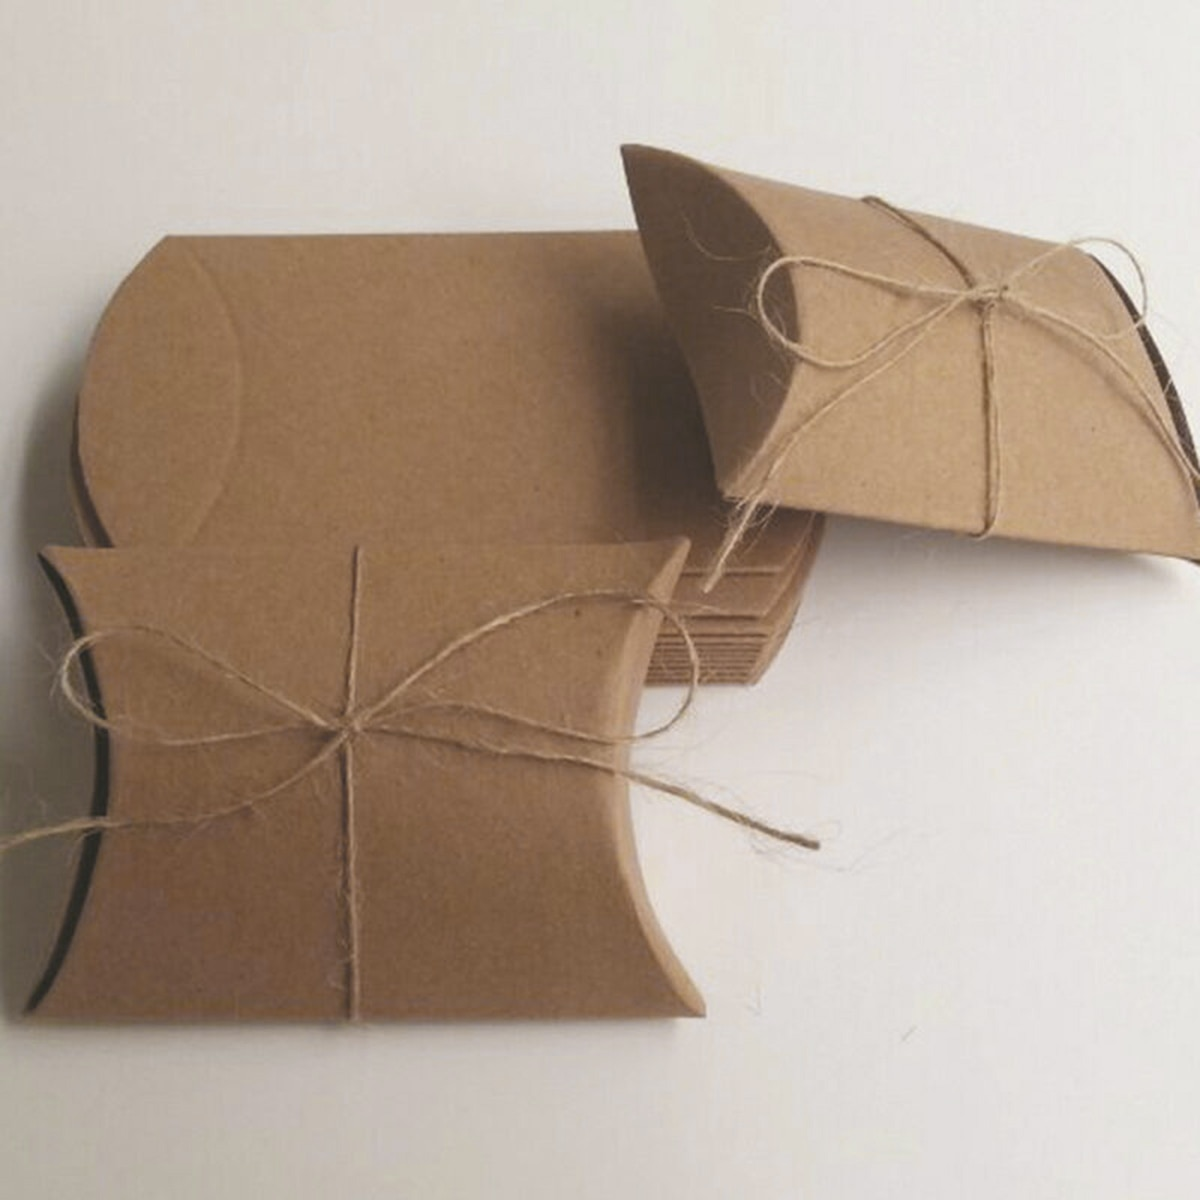 Коричневый конфетная коробка, 50 шт в наборе, крафт-бумаги Бумага подарочные свадебные сувениры пеньковая веревка для хранения